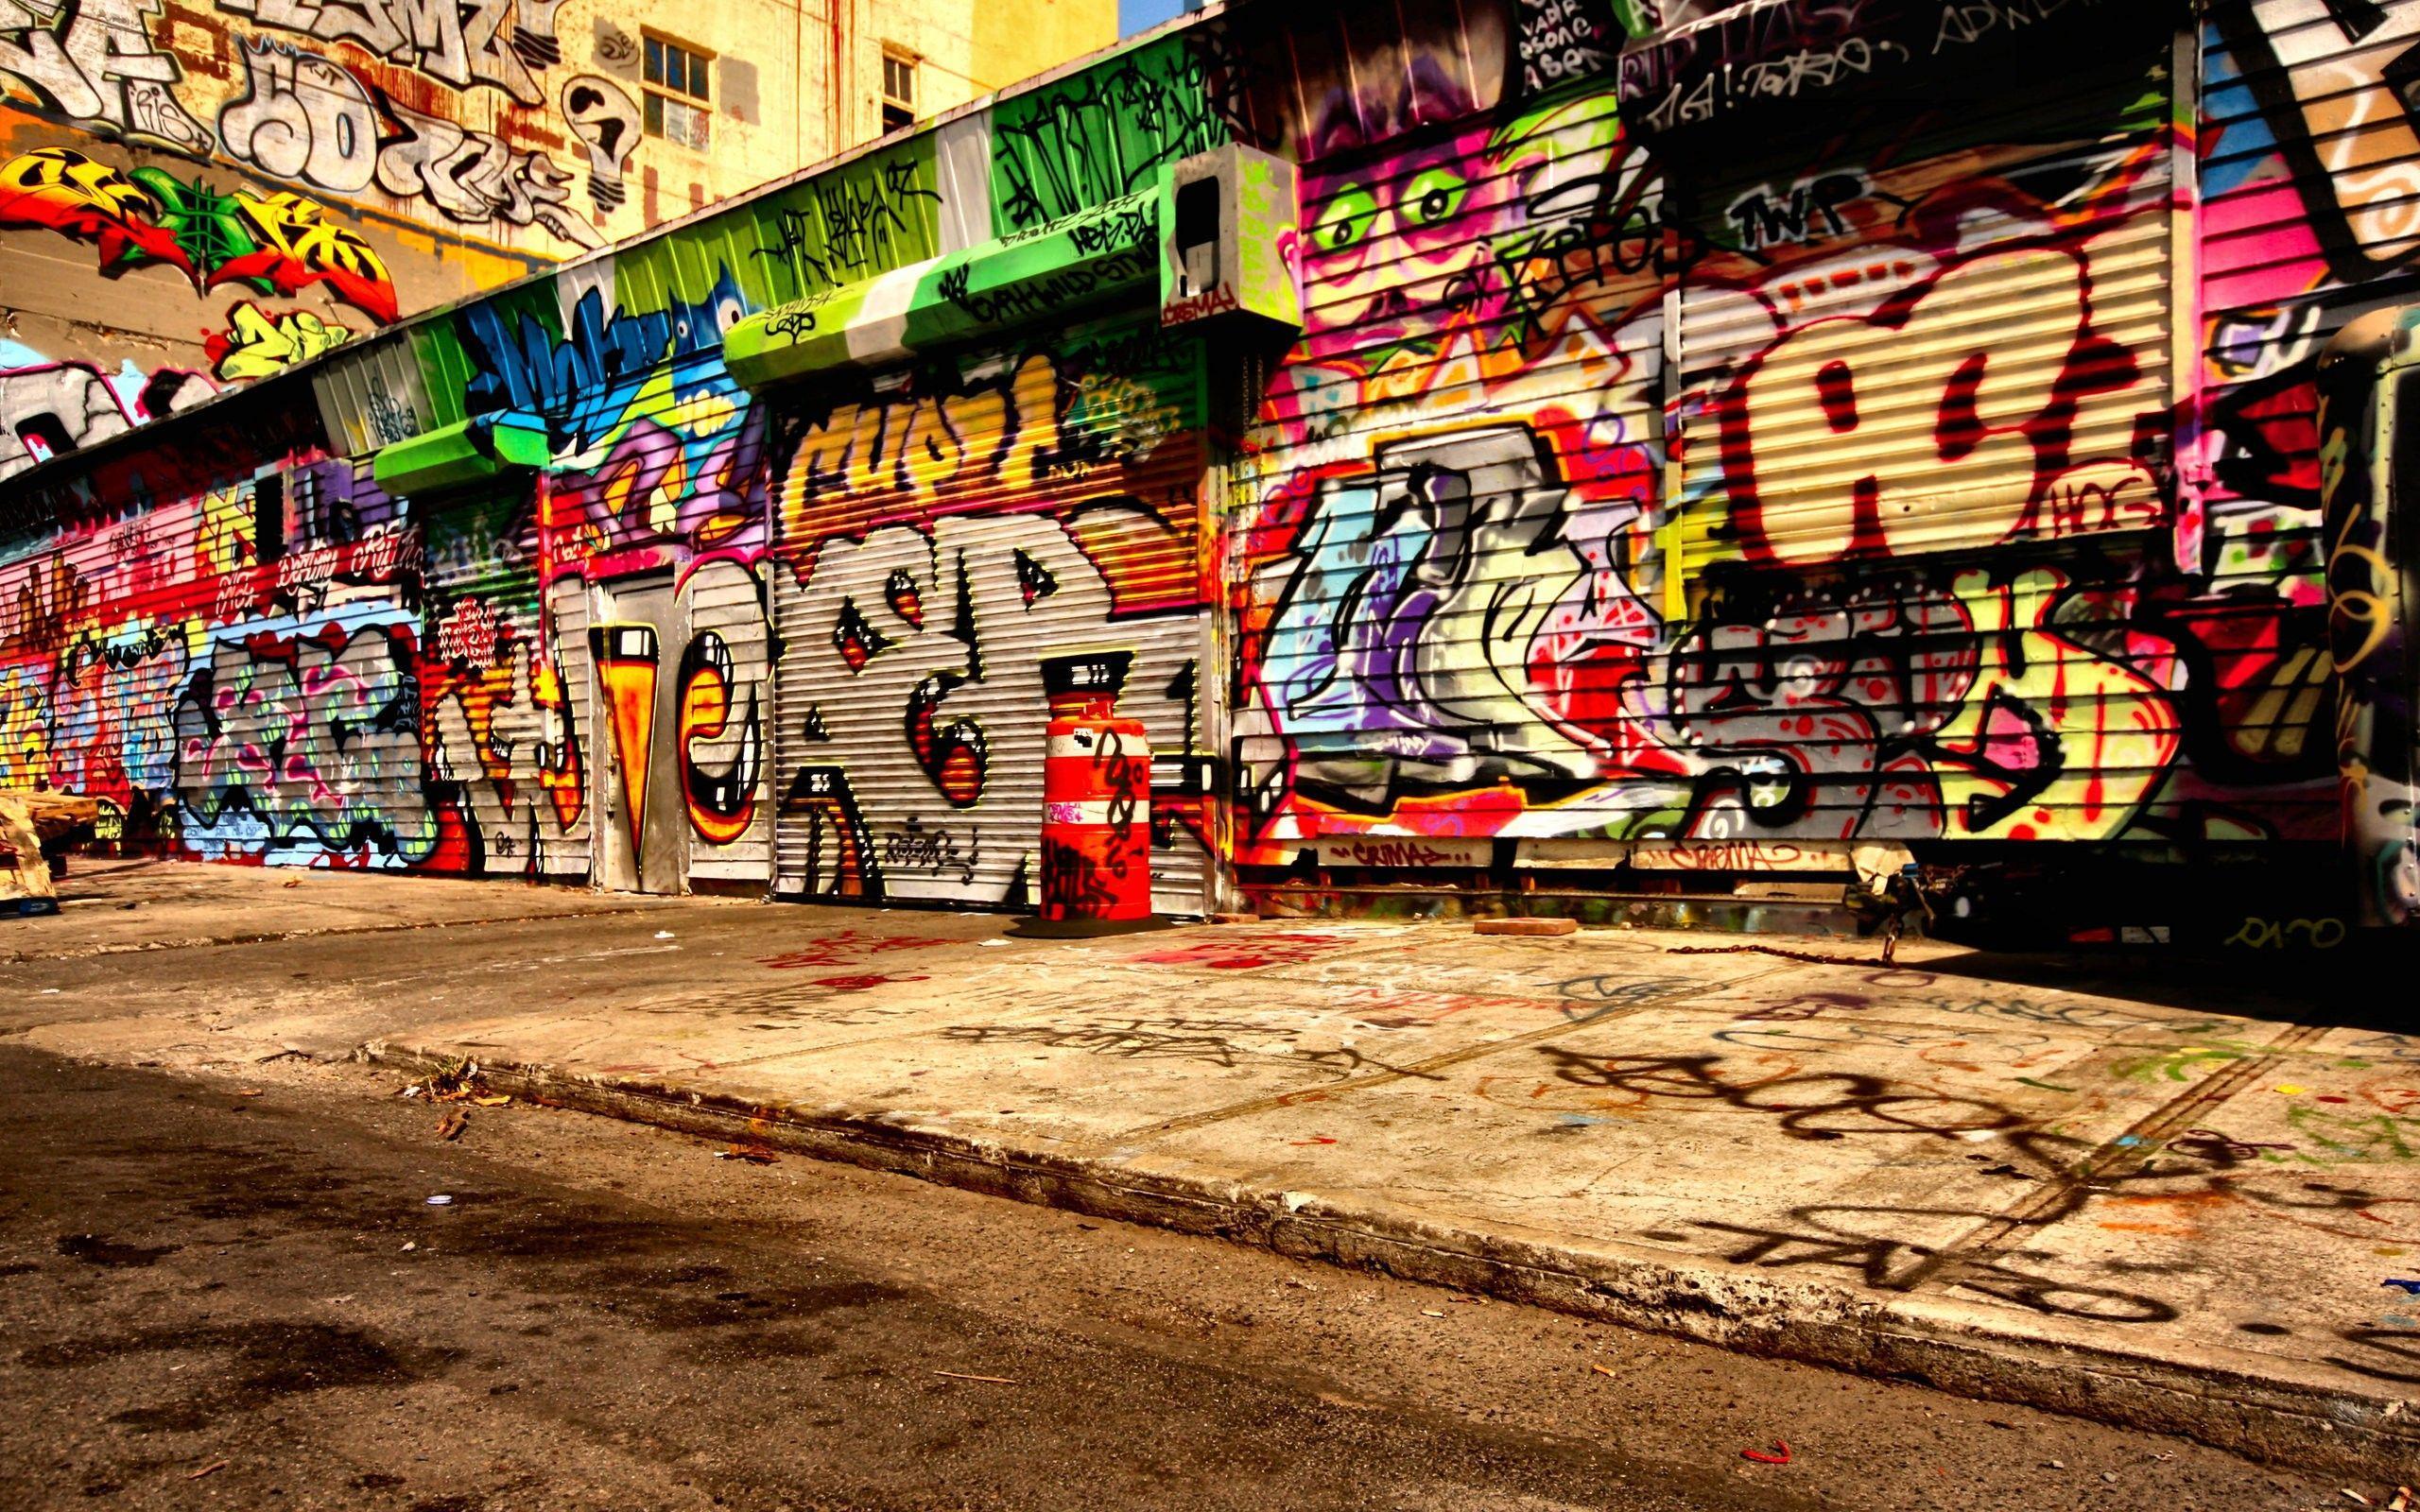 Hình nền nghệ thuật đường phố 2560x1600 - R / EBEL